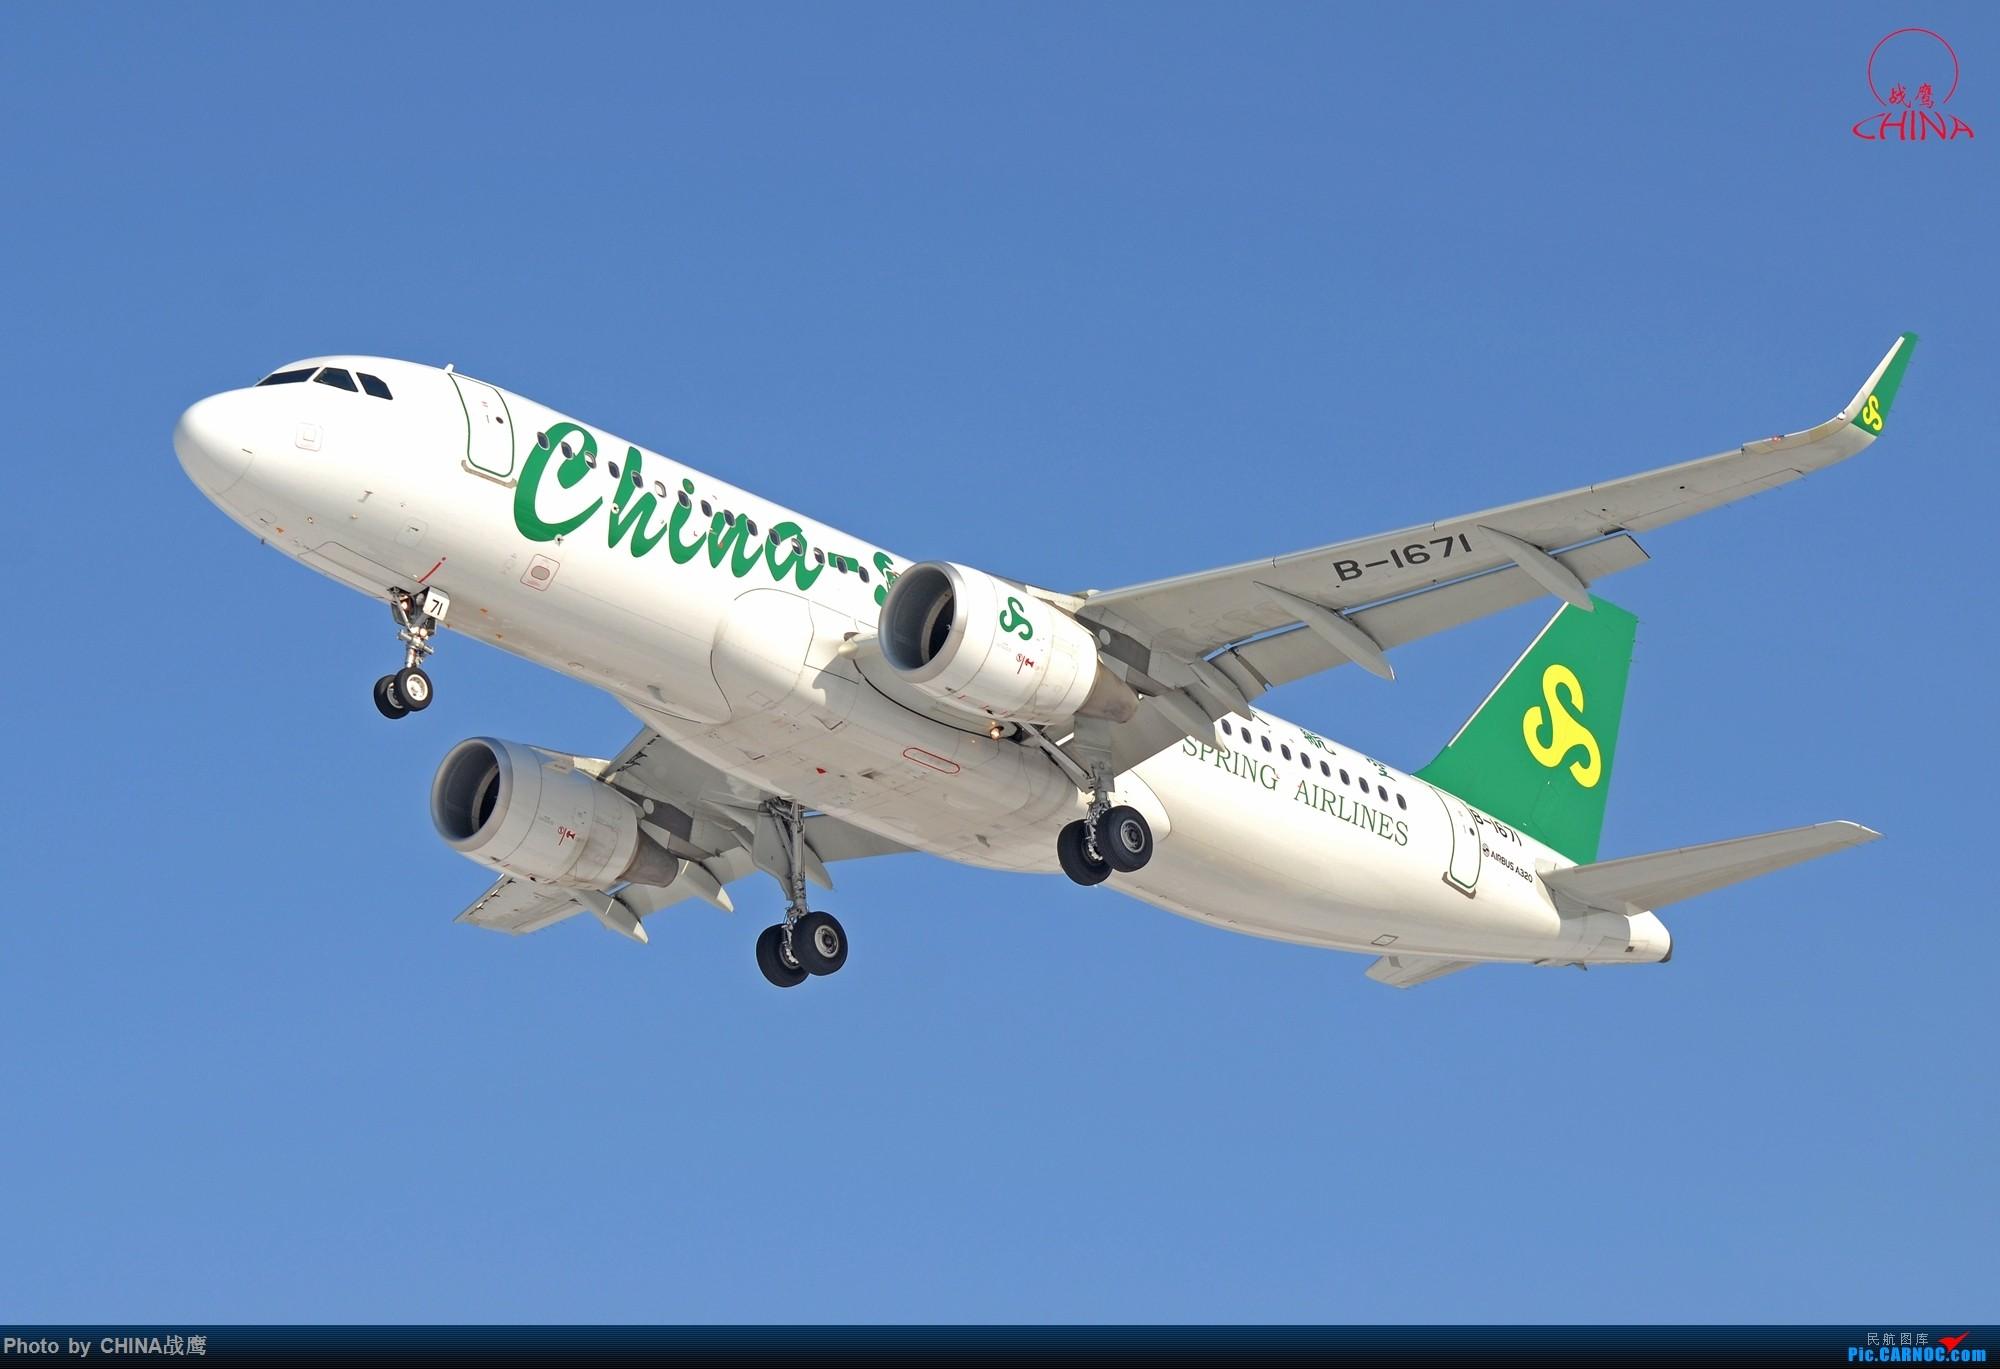 Re:[原创]拍飞机的乐趣 AIRBUS A320-200 B-1671 中国沈阳桃仙国际机场